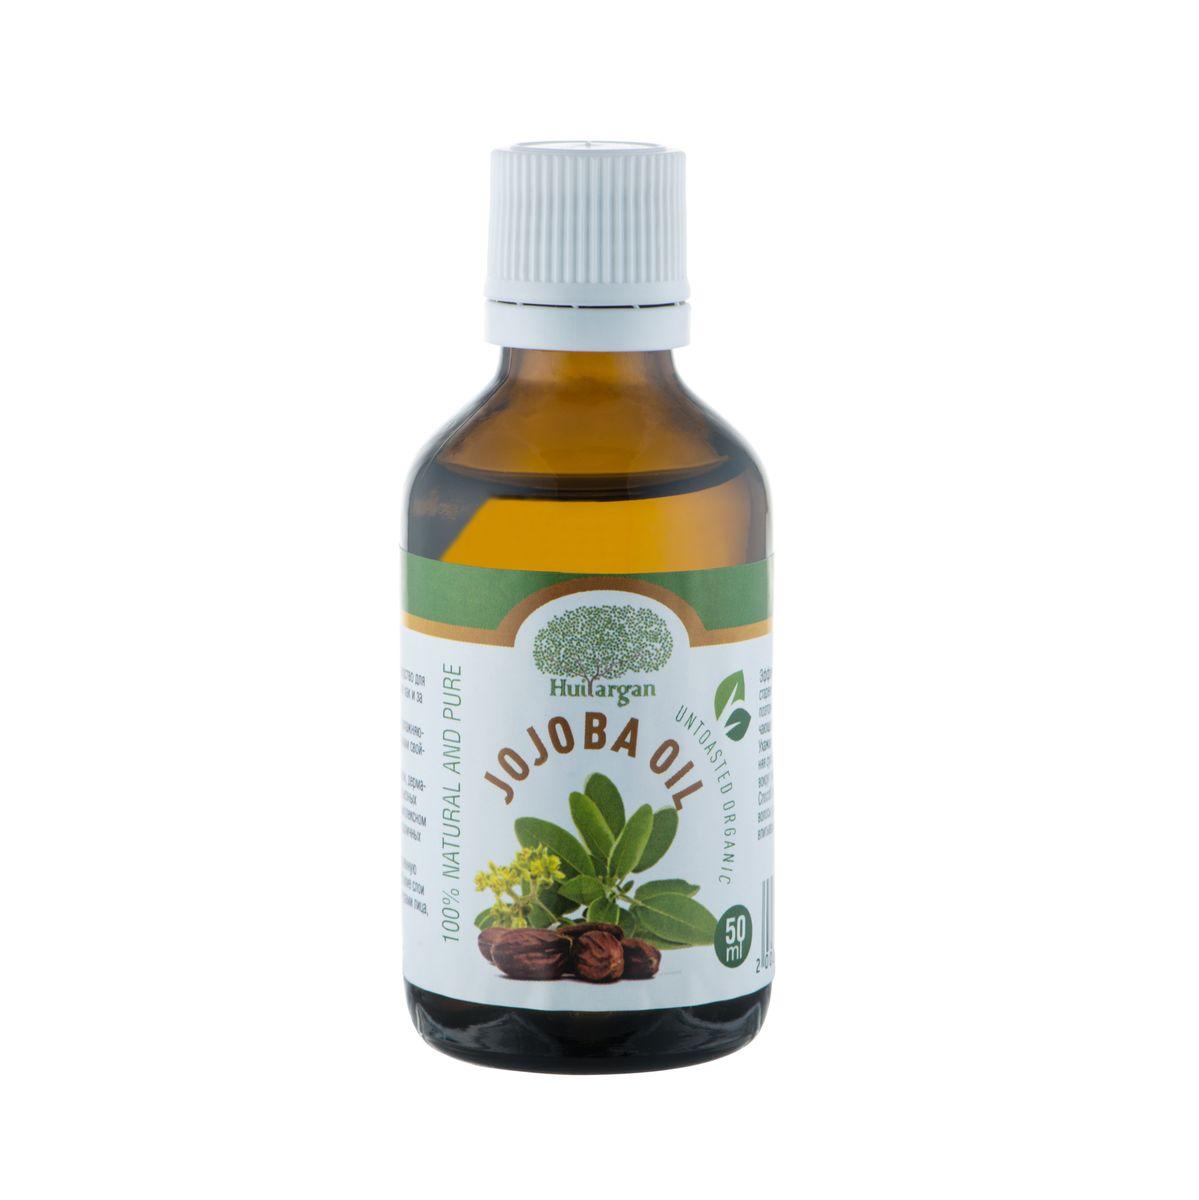 Huilargan Масло жожоба, 100% органическое, 50 мл2000000009032Масло жожоба (Jojoba oil) – 'то идеальное средство для ежедневного ухода за кожей всех типов, также как и за волосами любой структуры и типов. Оно обладает высокими регенерирующими, увлажняющими, противовоспалительными и смягчающими свойствами. Богато витамином Е. Отличная проникающая способность масла обеспечивает полное всасывание в кожу и волосы, поэтому оно не оставляет на лице и волосяных стволах жирного блеска. Масло жожоба применяется при лечении экзем, дерматитов, нейродермитов, псориаза и других серьезных кожных проблемах – в лечебных мазях. В комплексном лечении акне, фурункулов, угревой сыпи и различных воспалений и высыпаний на коже. Сухую, пересушенную, шелушащуюся и воспаленную кожу оно увлажняет и питает, проникая в глубокие слои кожи, идеально ухаживая за кожными структурами лица, шеи, груди и декольте. Эффективно разглаживает морщины при дряблой, стареющей коже. Прекрасное средство после бритья, поэтому его рекомендуется использовать как смягчающее...